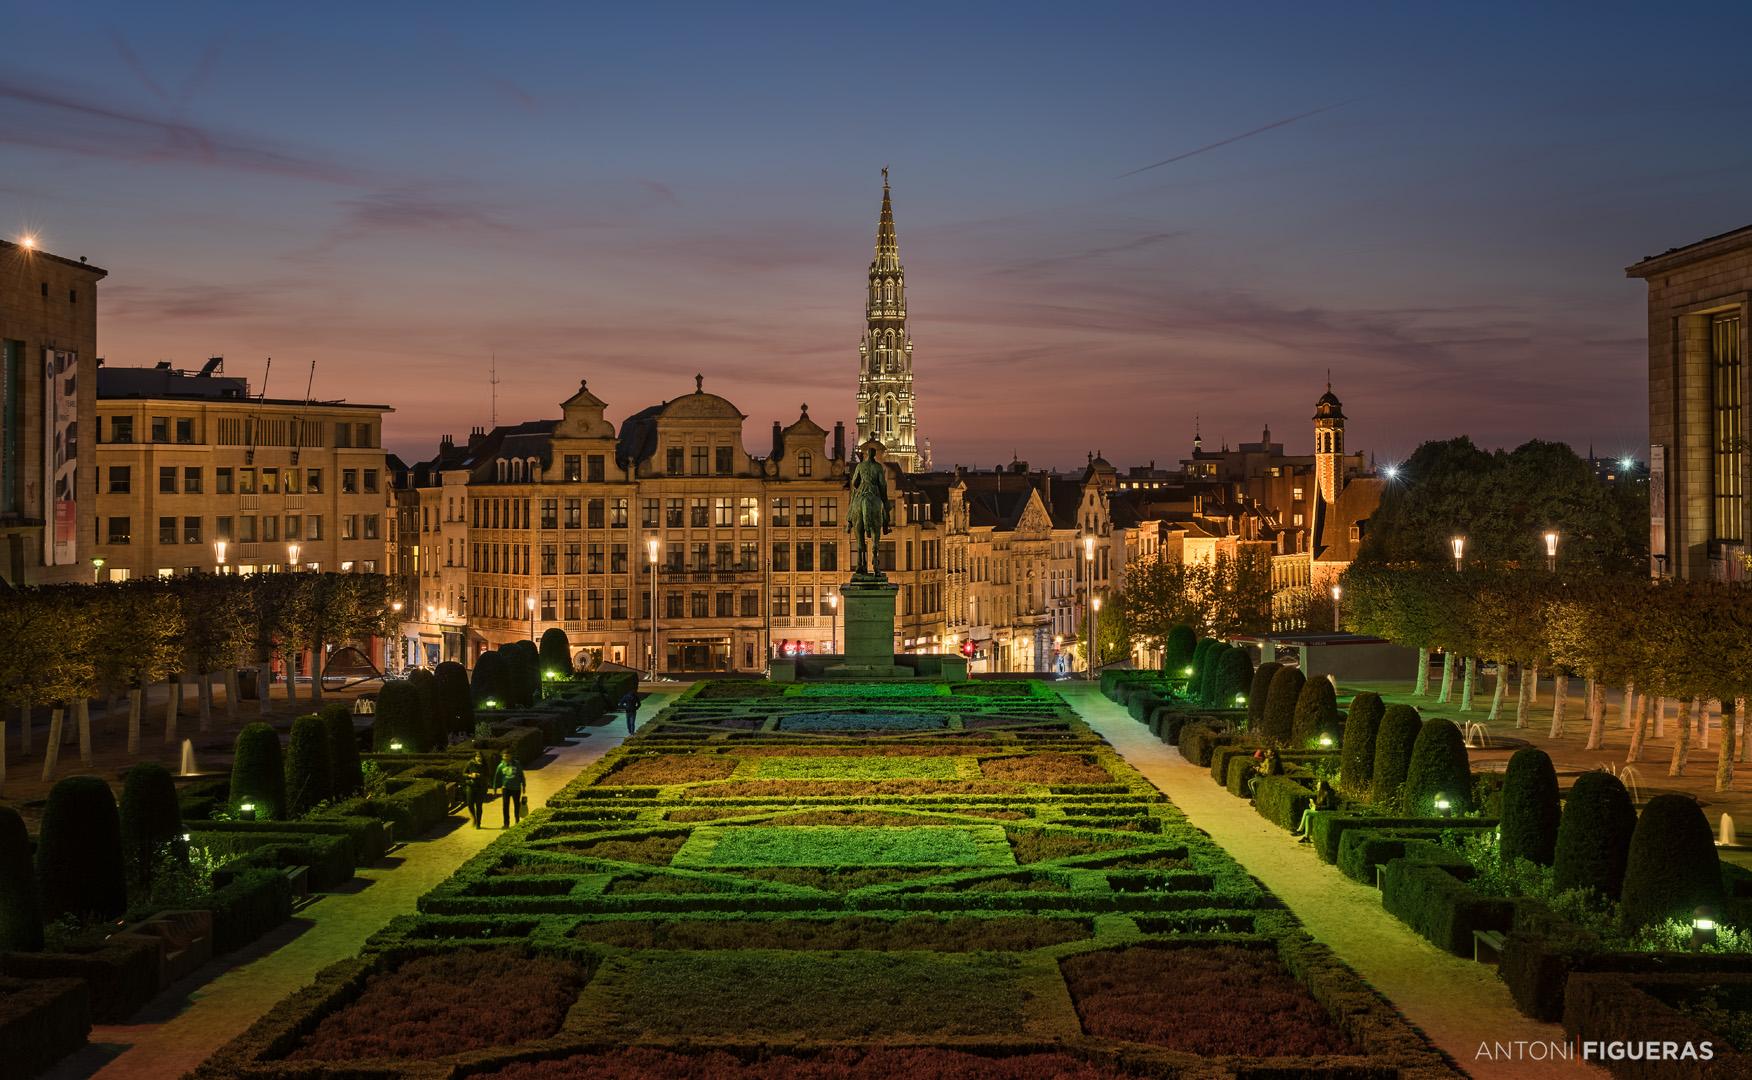 Mont des Arts Garden, Belgium